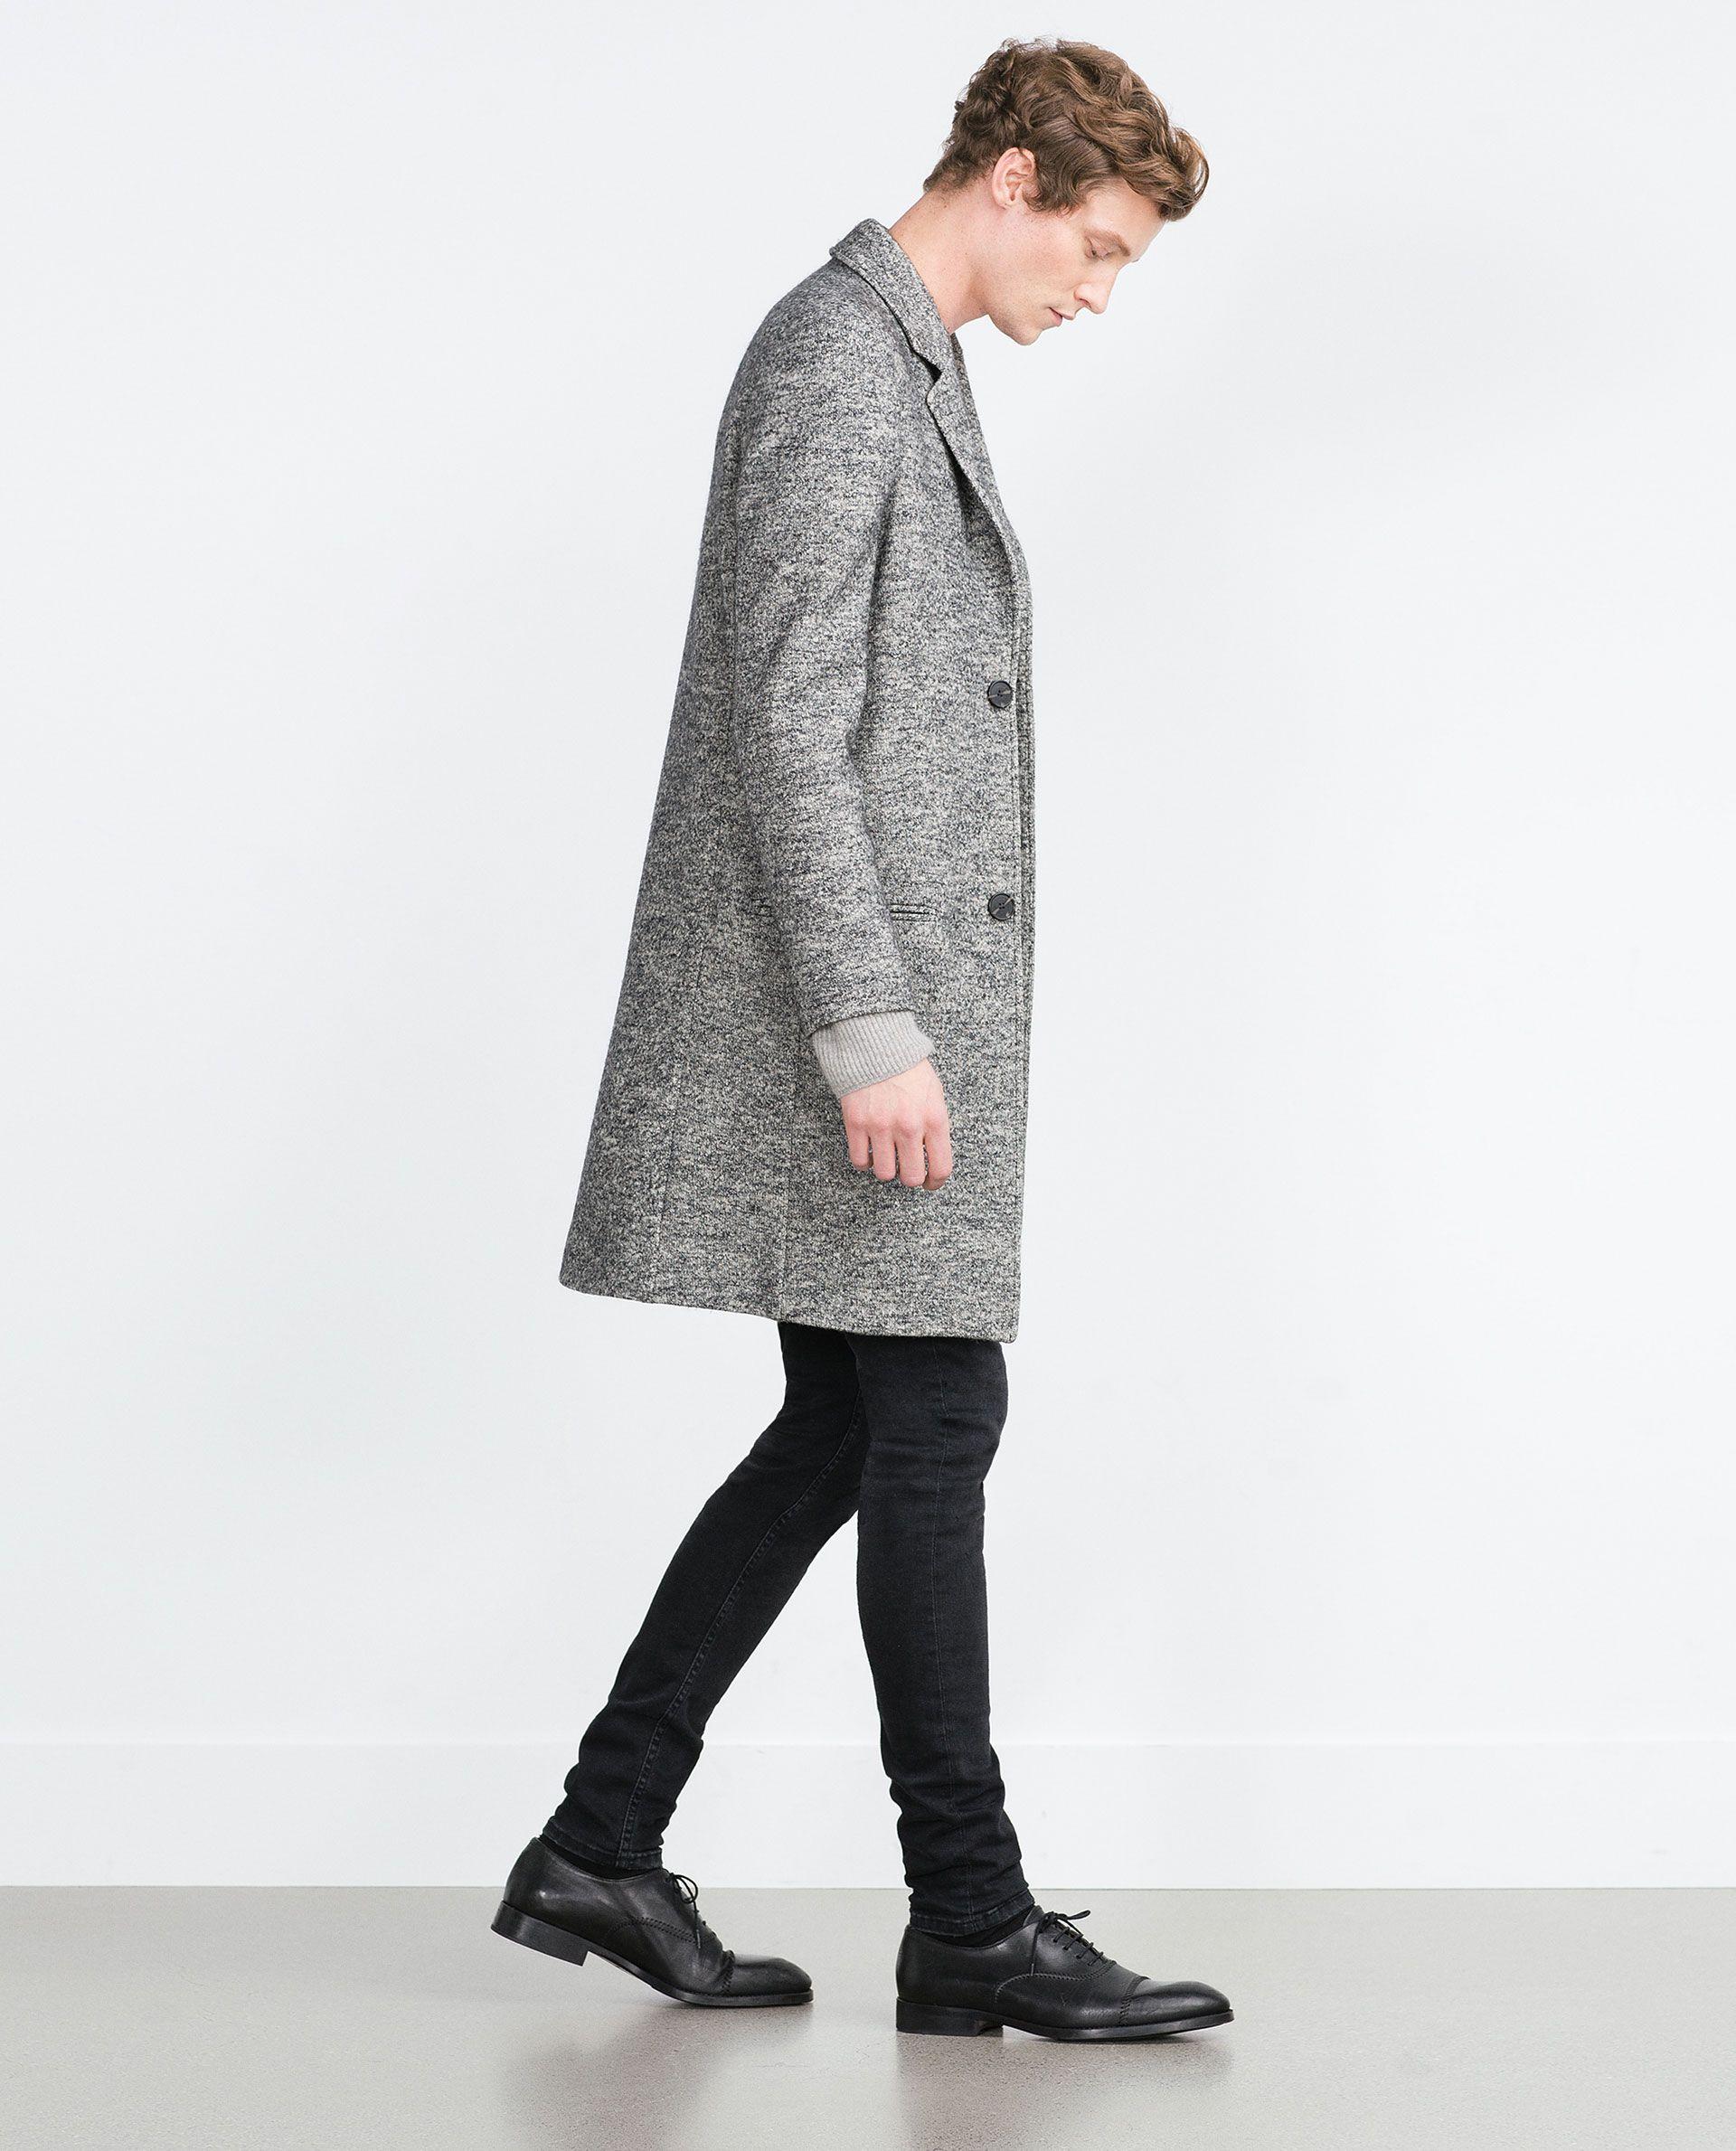 caban homme court amazing manteau de duvet nouveau hommes loisir court paragraphe encapuchonn. Black Bedroom Furniture Sets. Home Design Ideas